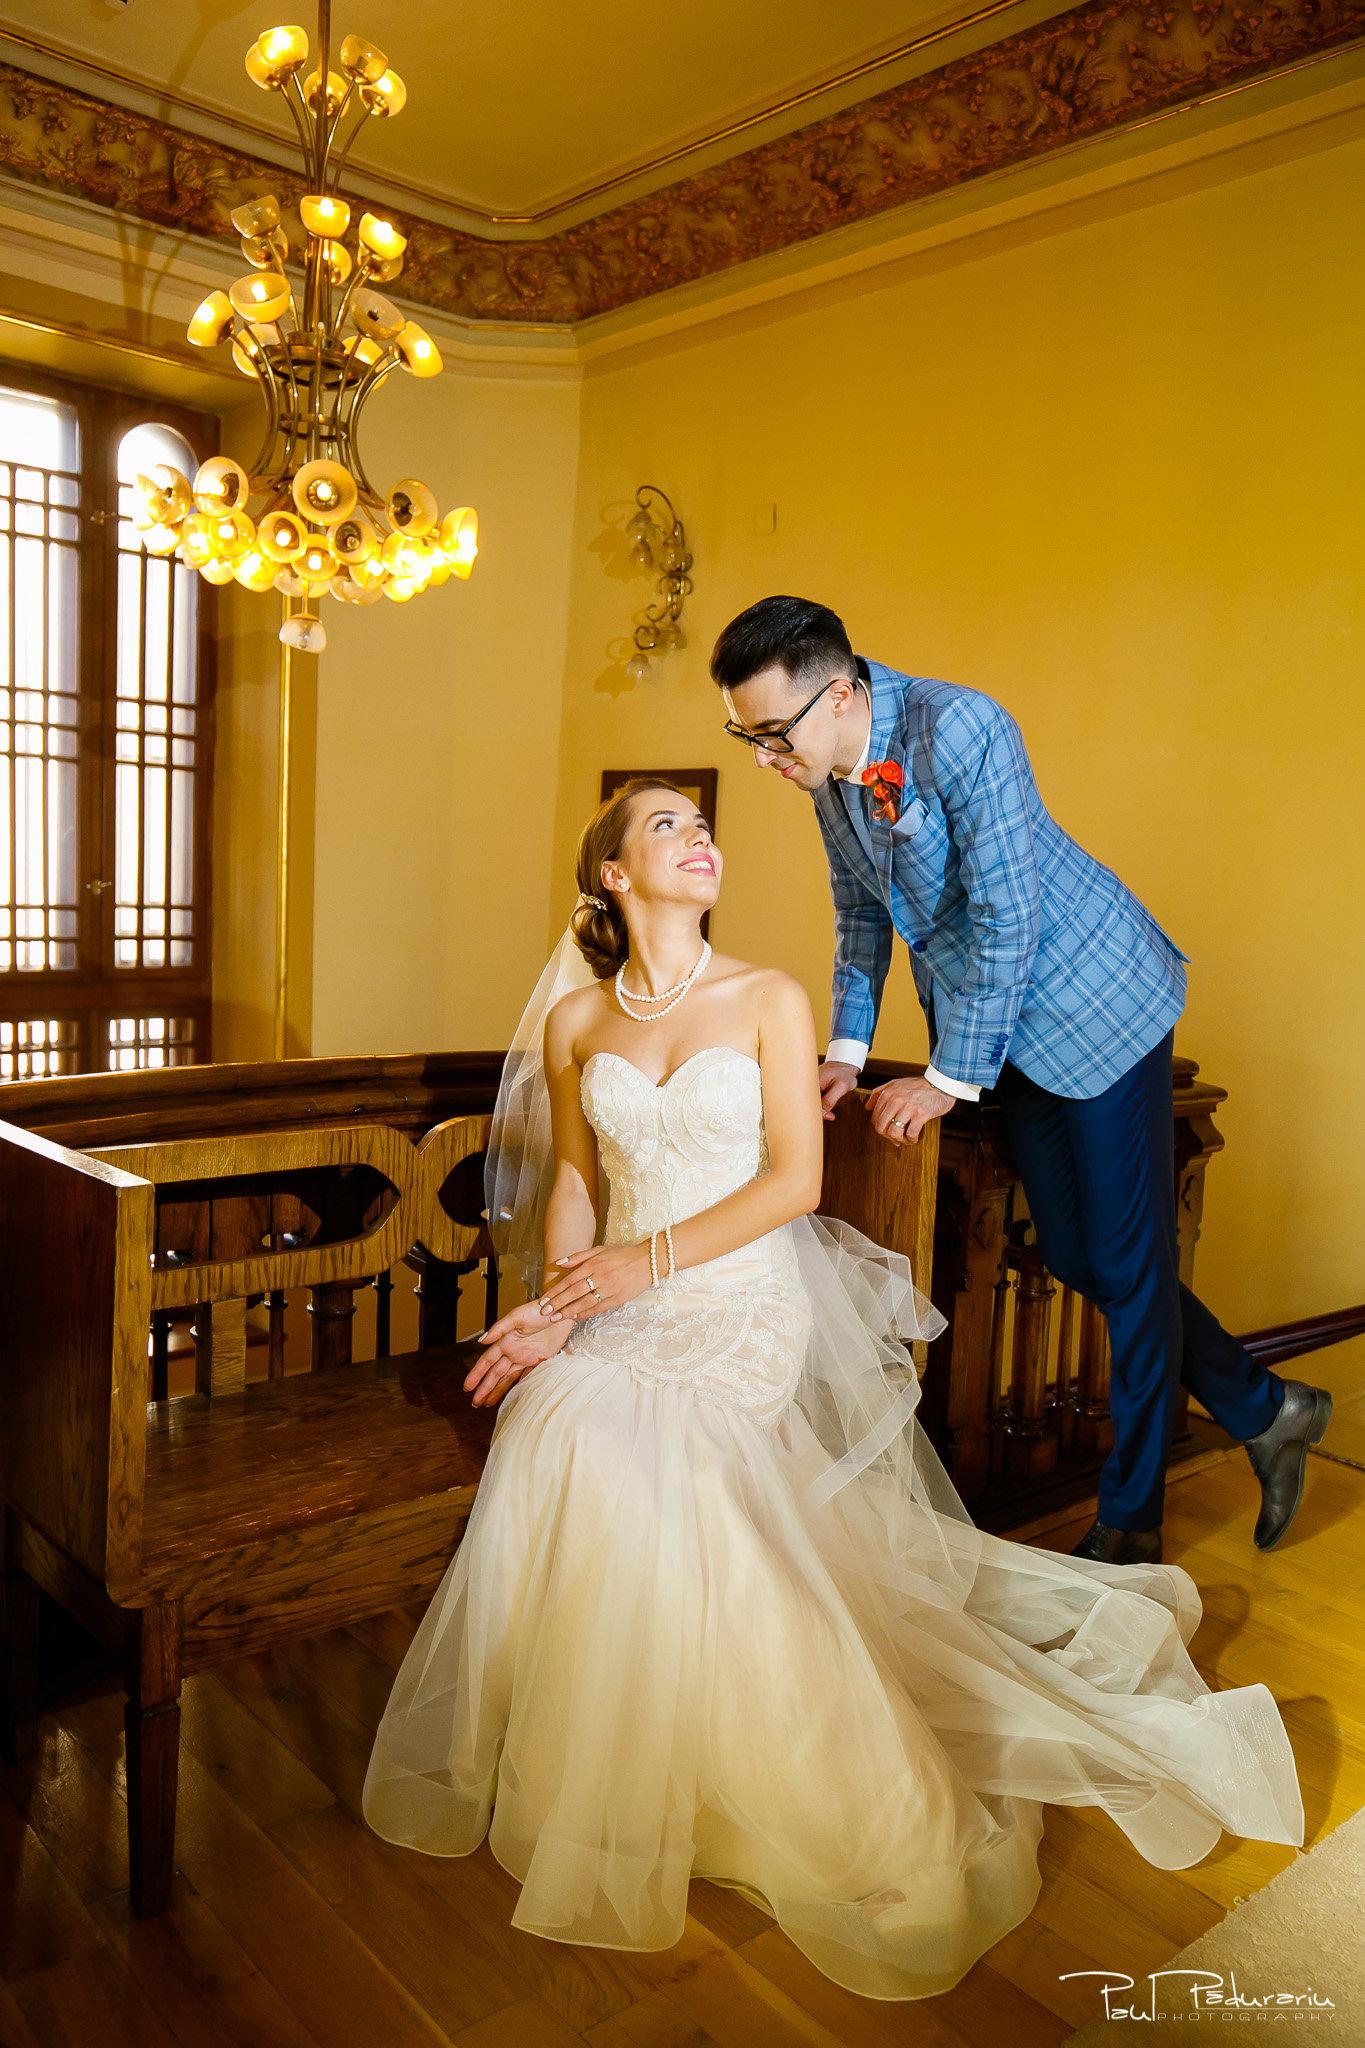 Roxana si Silviu sedinta foto miri Casa Pogor Iasi fotograf profesionist nunta www.paulpadurariu.ro © 2017 Paul Padurariu